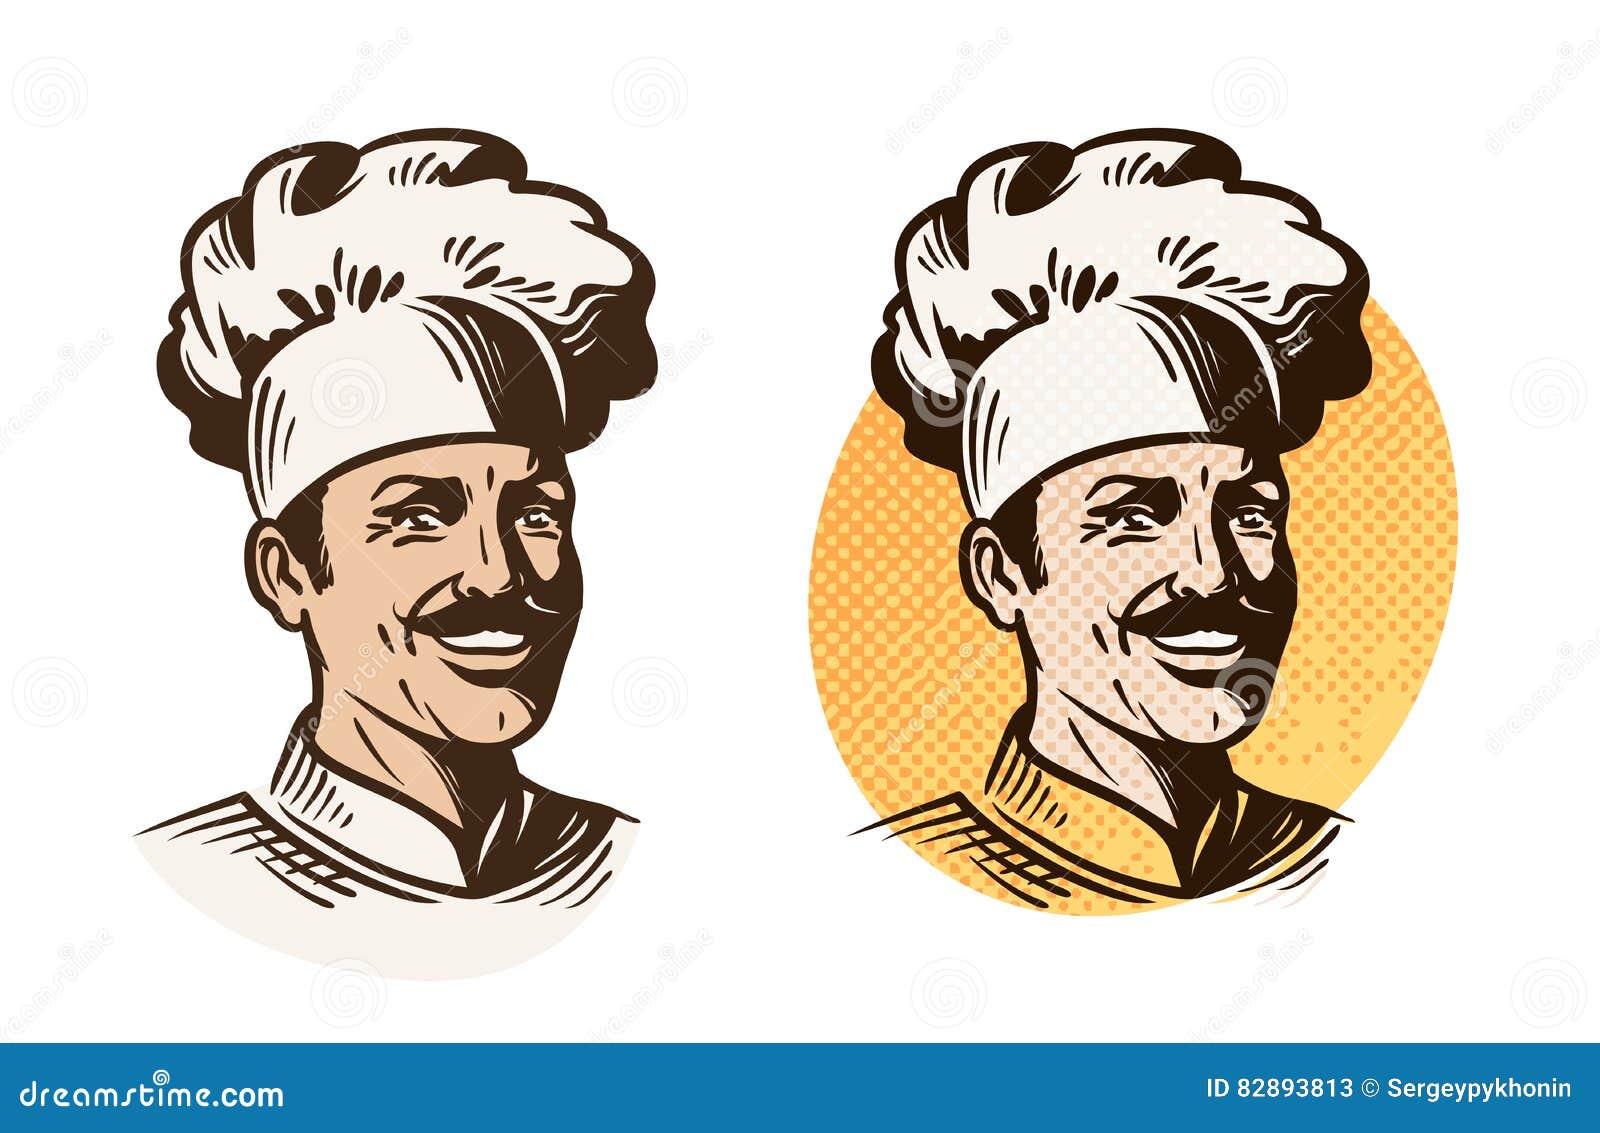 Αρχιμάγειρας, αρτοποιός, σύμβολο μαγείρων Μαγείρεμα, λογότυπο εστιατορίων ή καφέδων επίσης corel σύρετε το διάνυσμα απεικόνισης